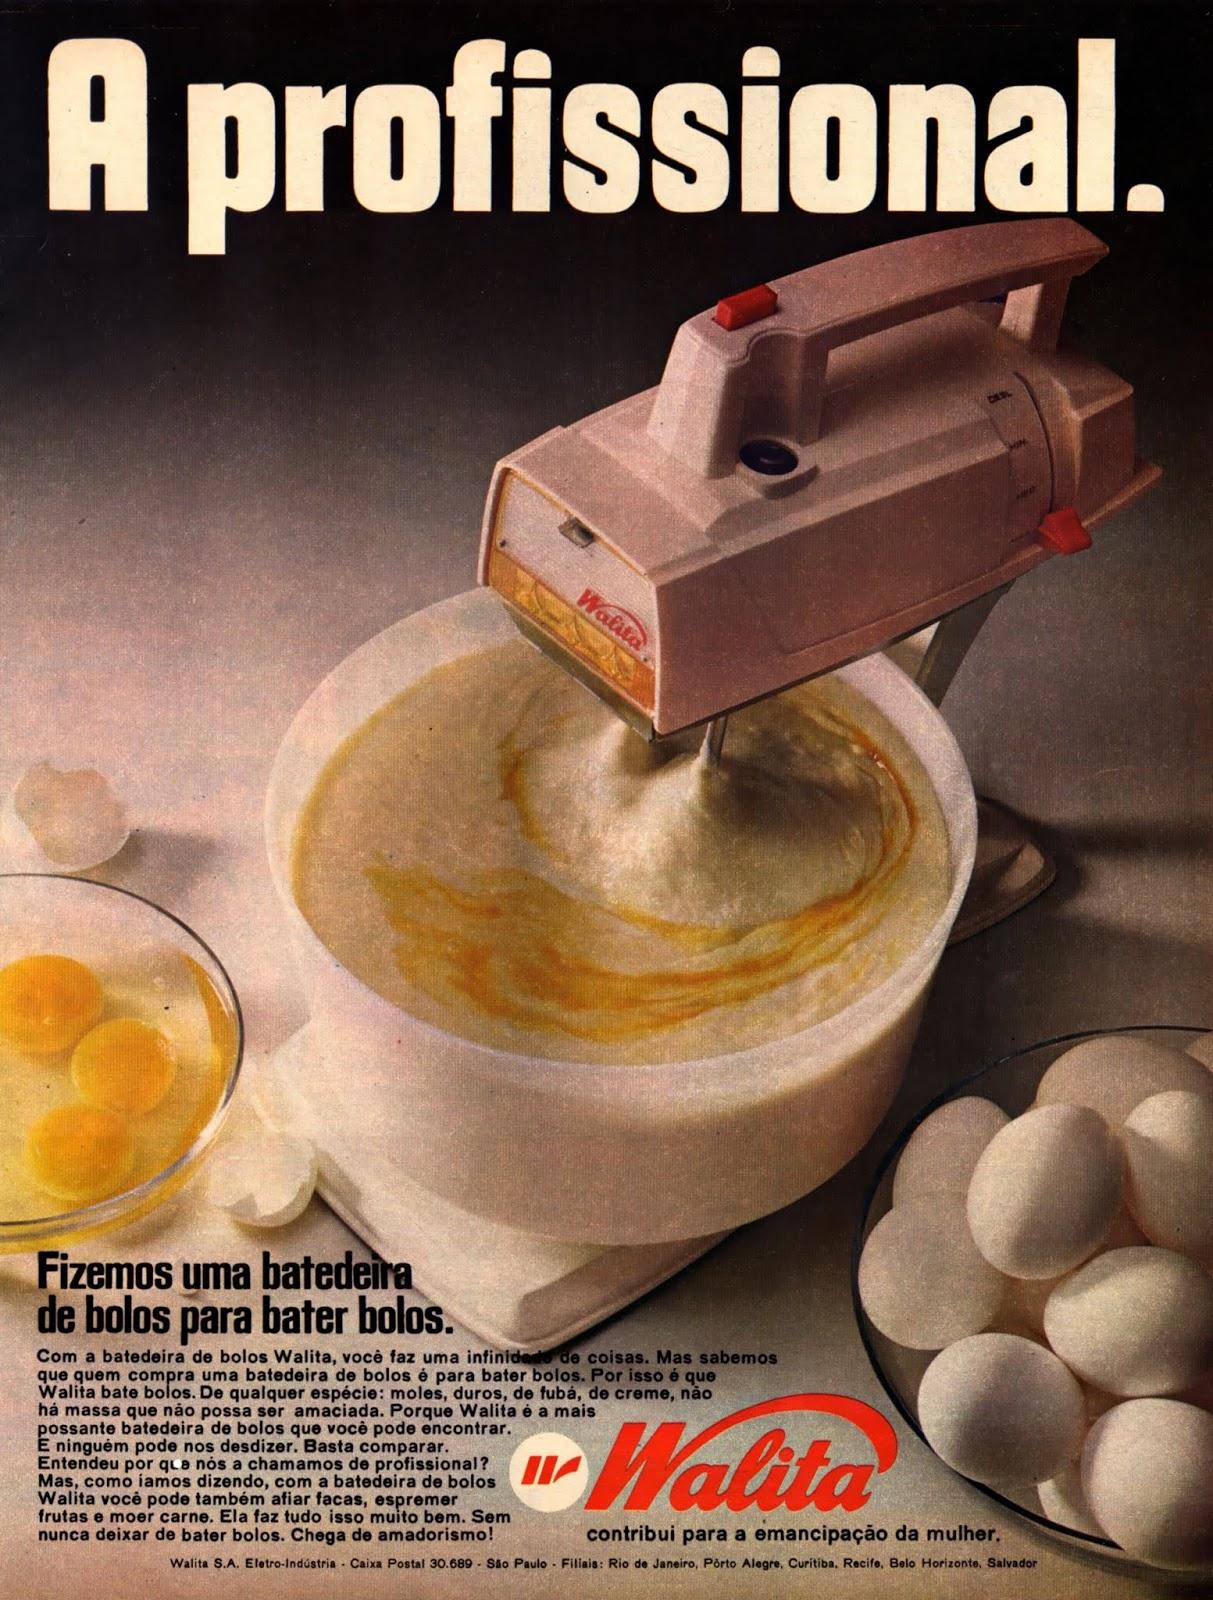 Propaganda dos anos 70 da Walita apresentando sua nova batedeira com foco na comunicação para as mulheres